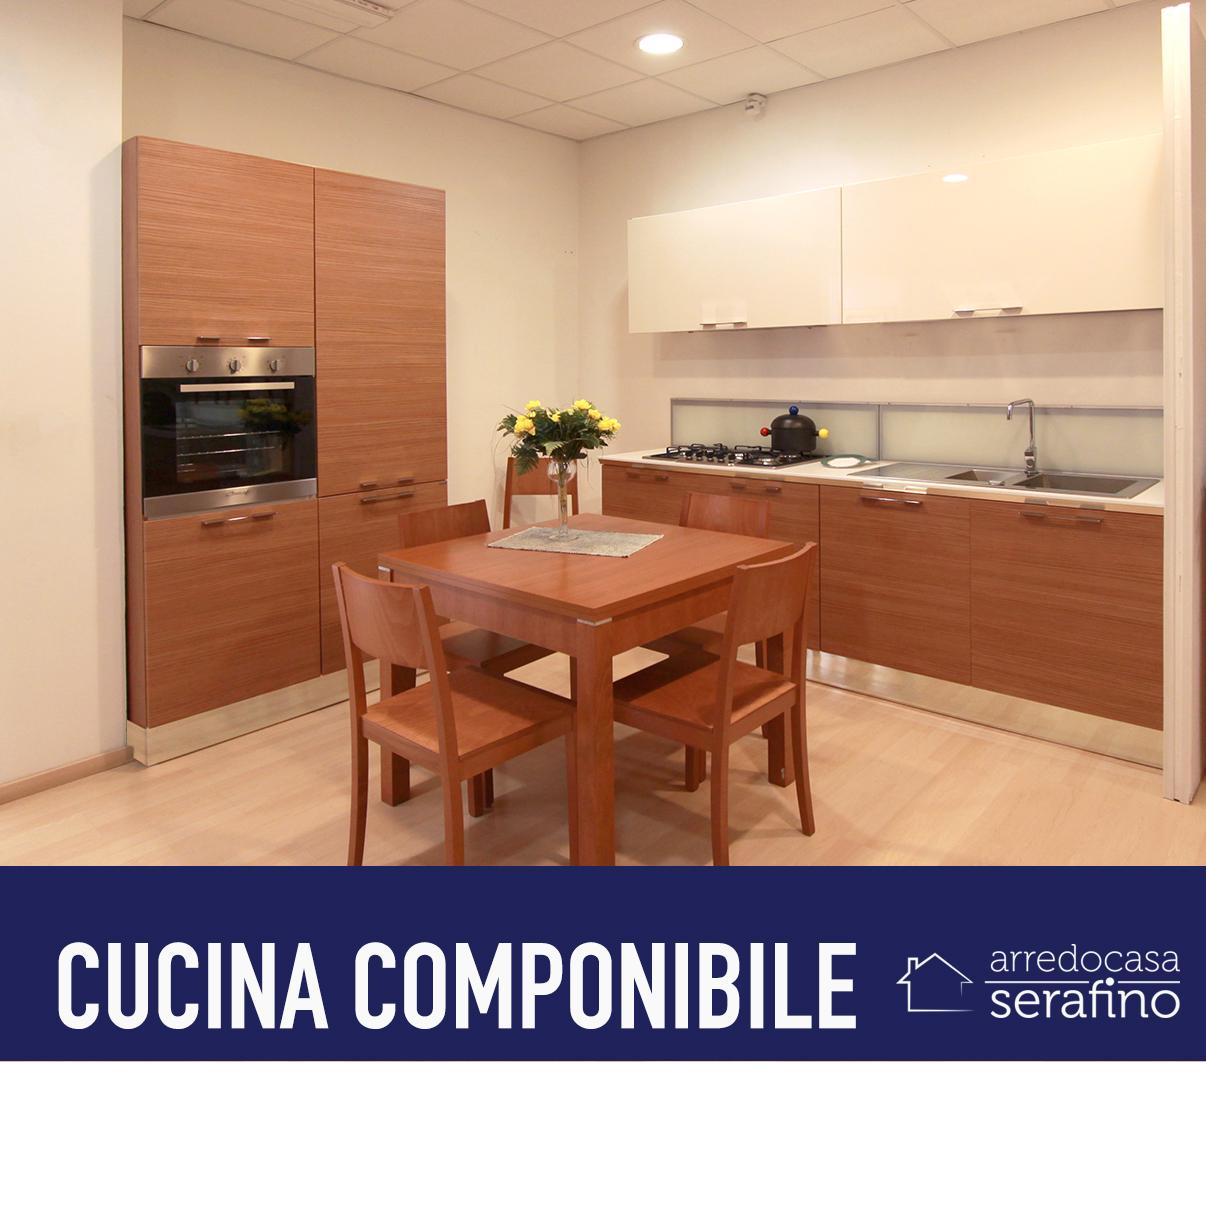 Cucina componibile arredocasa serafino - Elementi cucina componibile ...